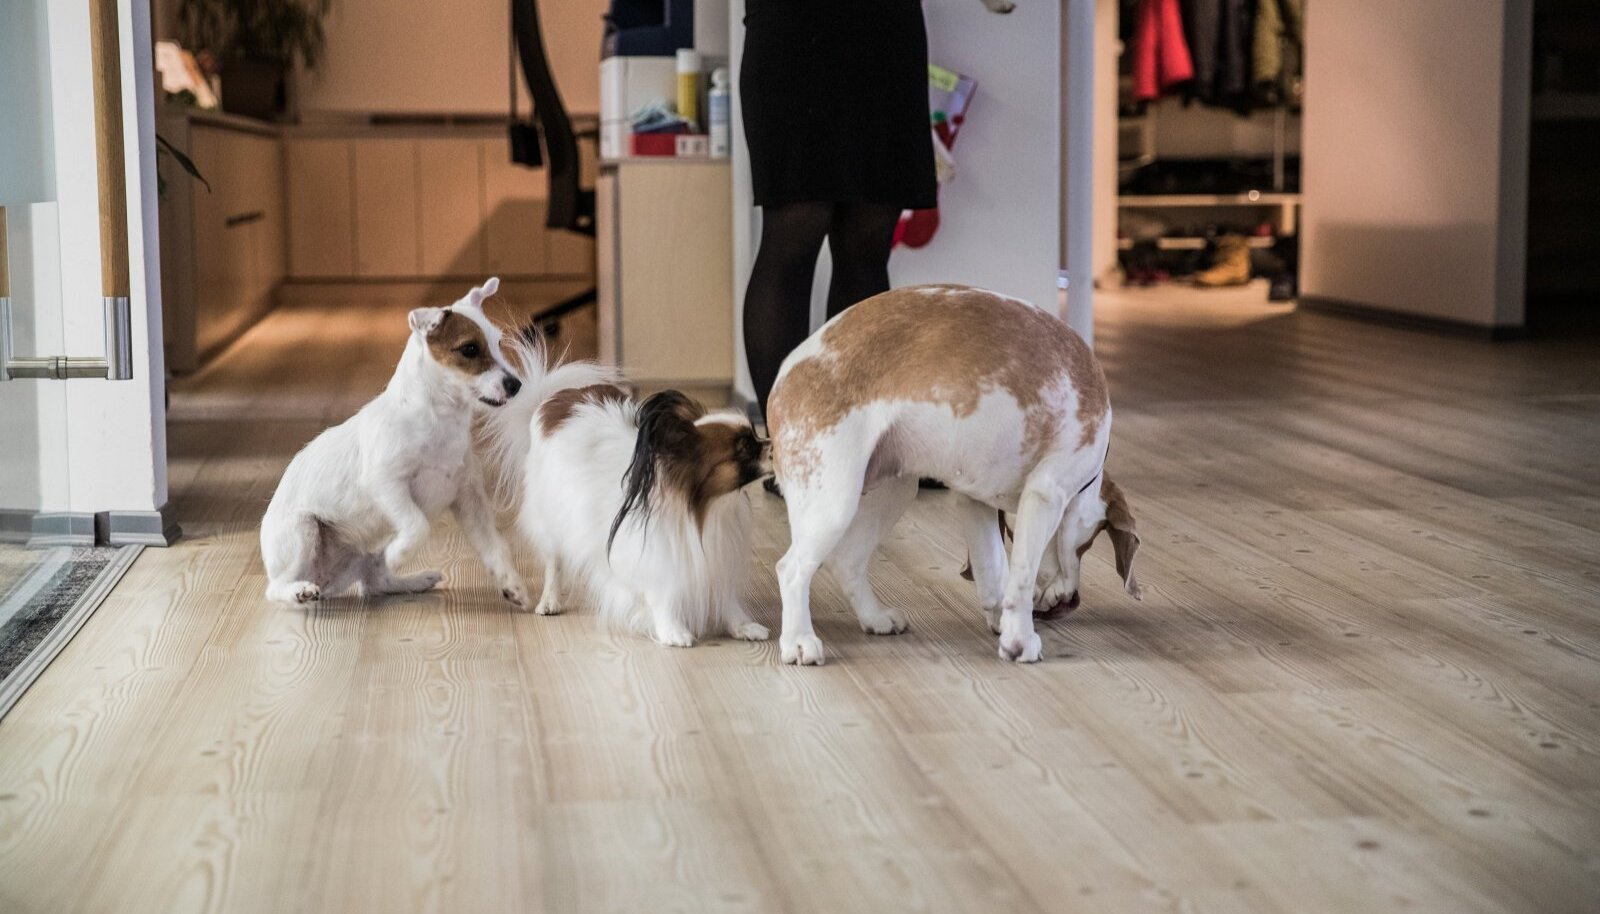 Sageli ronivad koerad üksteisele selga just tutvudes